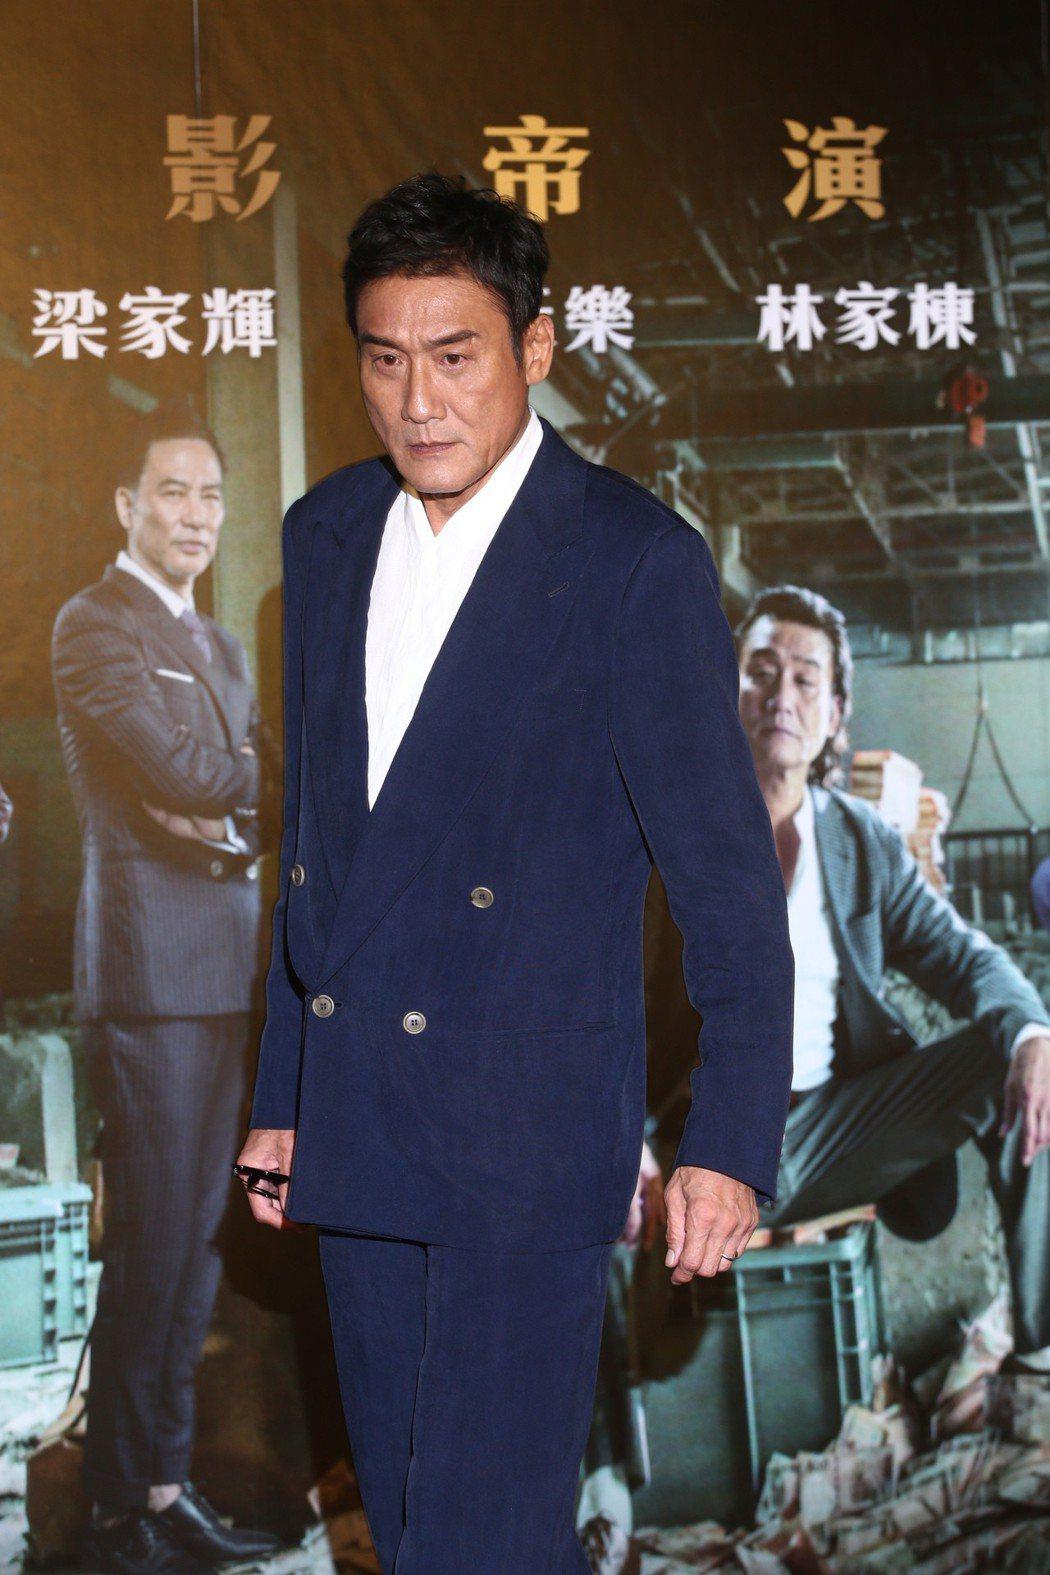 影帝梁家輝晚間出席電影「追龍II:賊王」首映會。記者蘇健忠/攝影